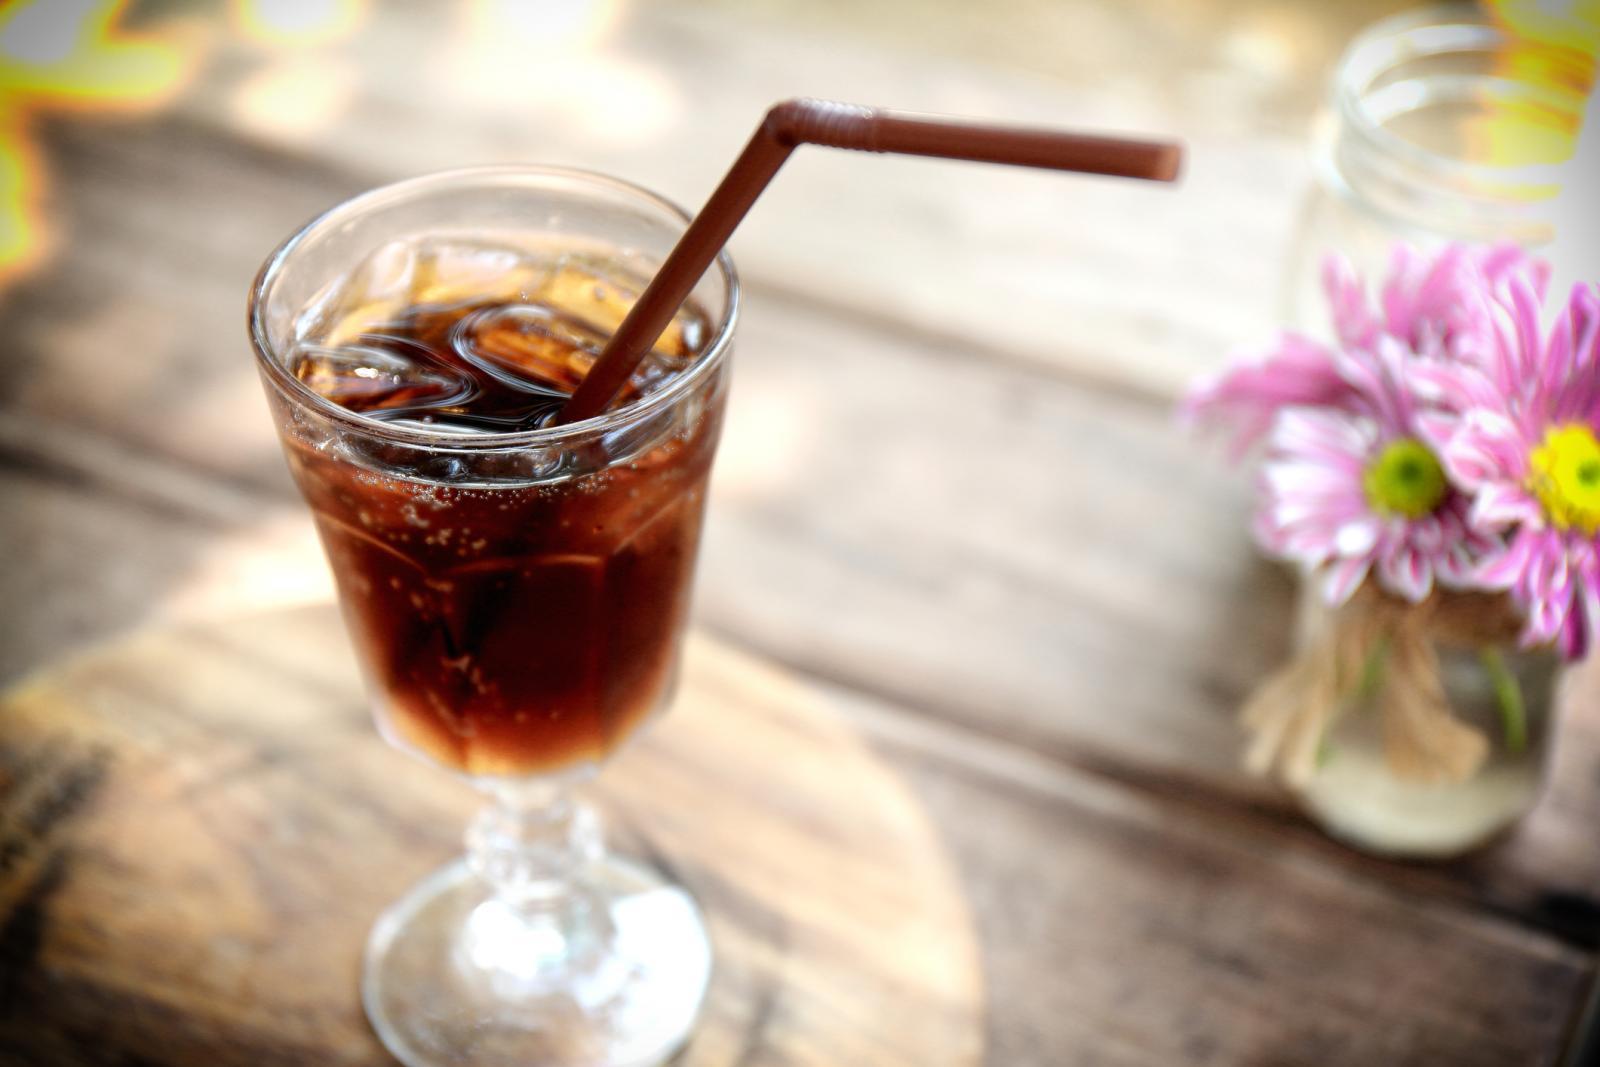 Osim za piće, čudo zvano Coca-Cola može poslužiti i u mnoge druge svrhe.